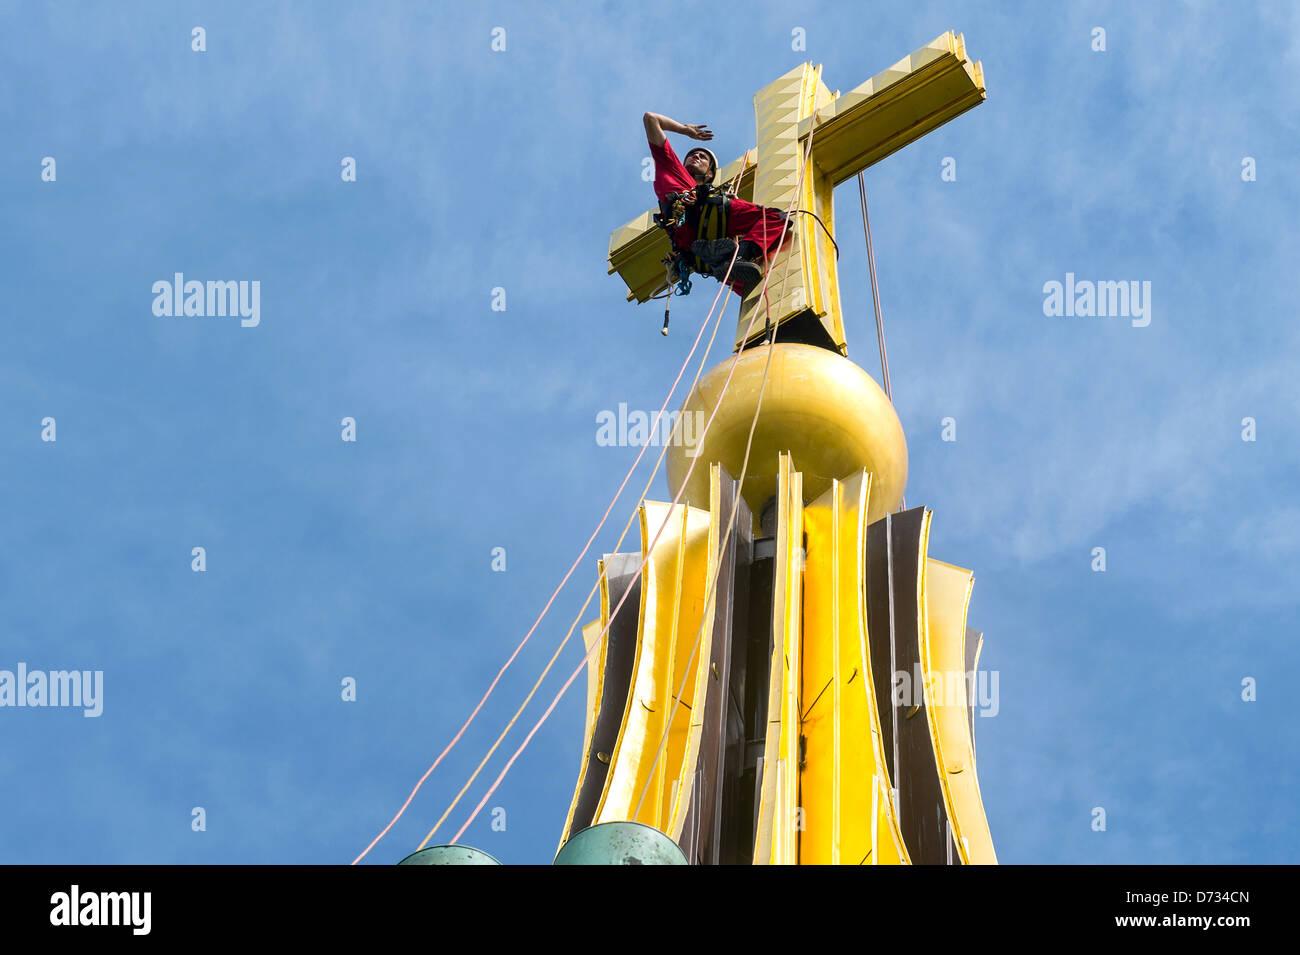 Berlín, Alemania, ladrón Thomas Michael cruz sobre la cúpula de la Catedral de Berlín Imagen De Stock